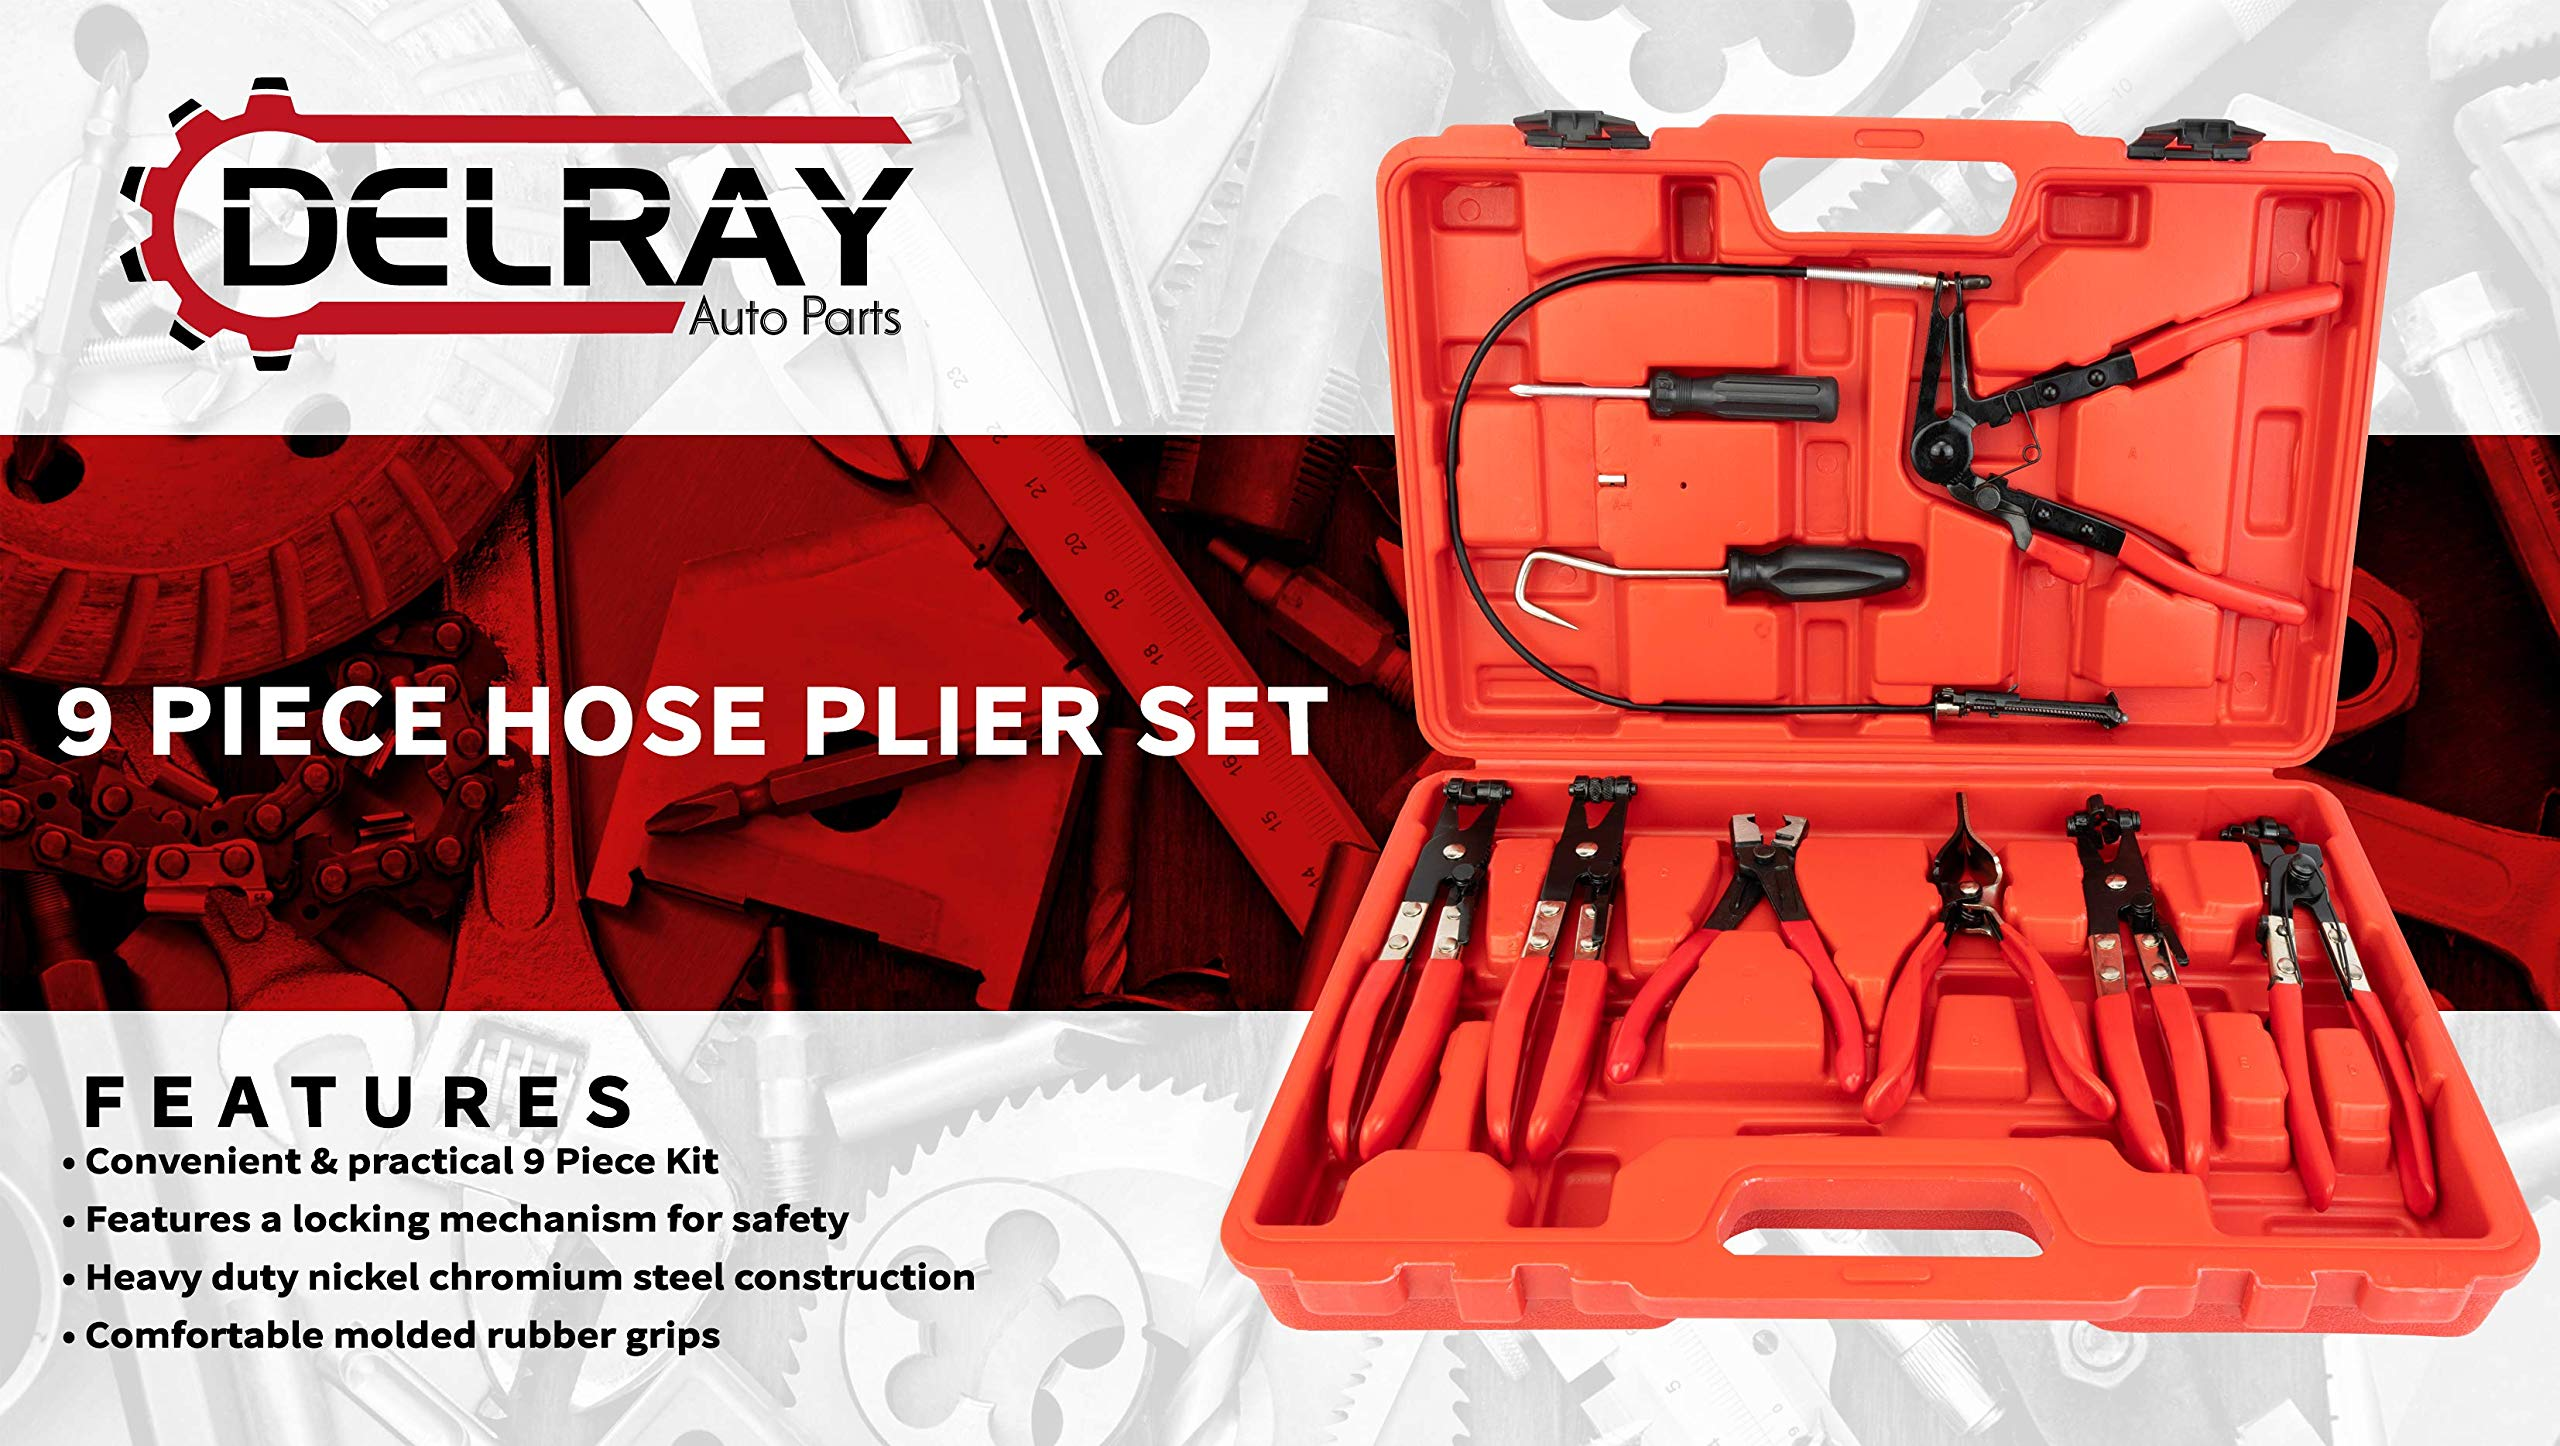 Delray Auto Parts 9pc Hose Plier Set by Delray Auto Parts (Image #2)